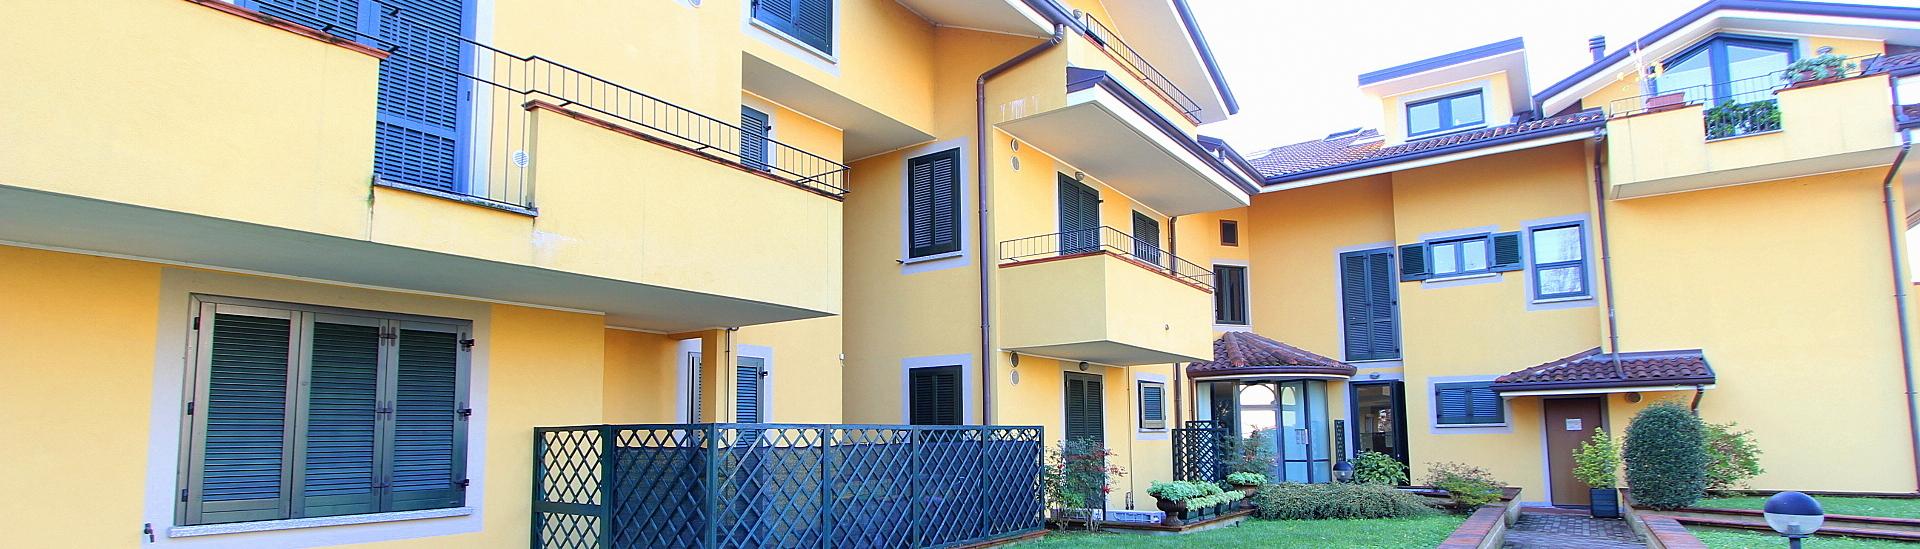 Recente costruzione in centro a Nerviano